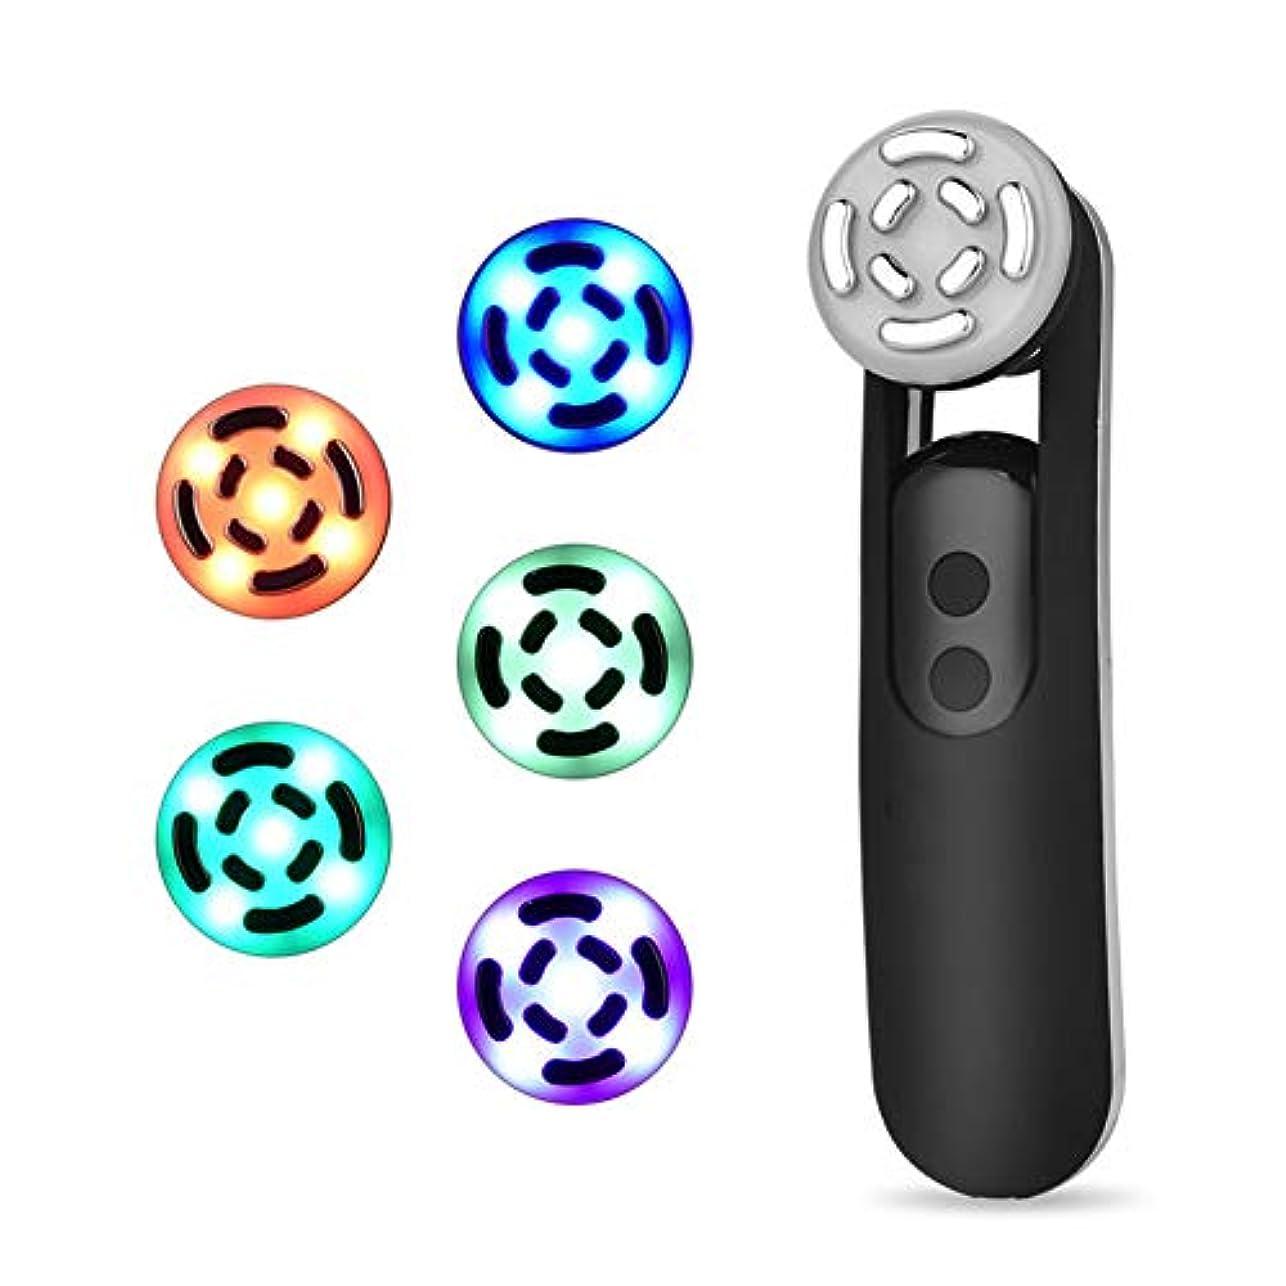 ズームインする特派員伝染病フェイシャルマッサージイオンフェイシャルクレンジングアンチエイジングファーミングスキンマイクロショックテクノロジー5色LEDライト若返りしわ美容機器,Black